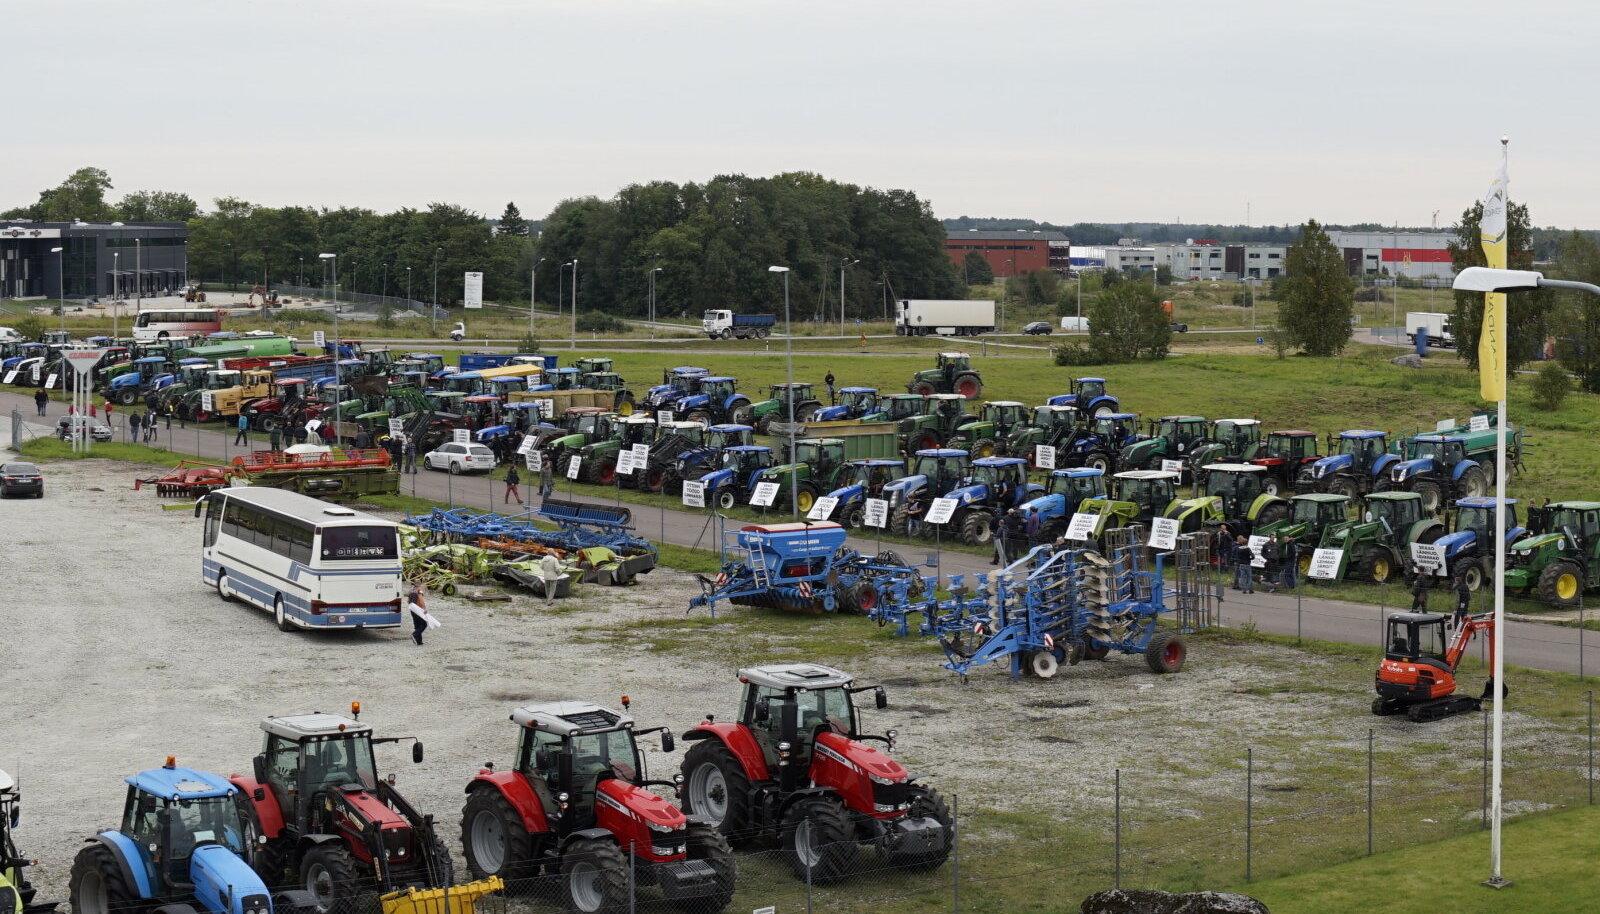 Põrguväljale toodud traktorid